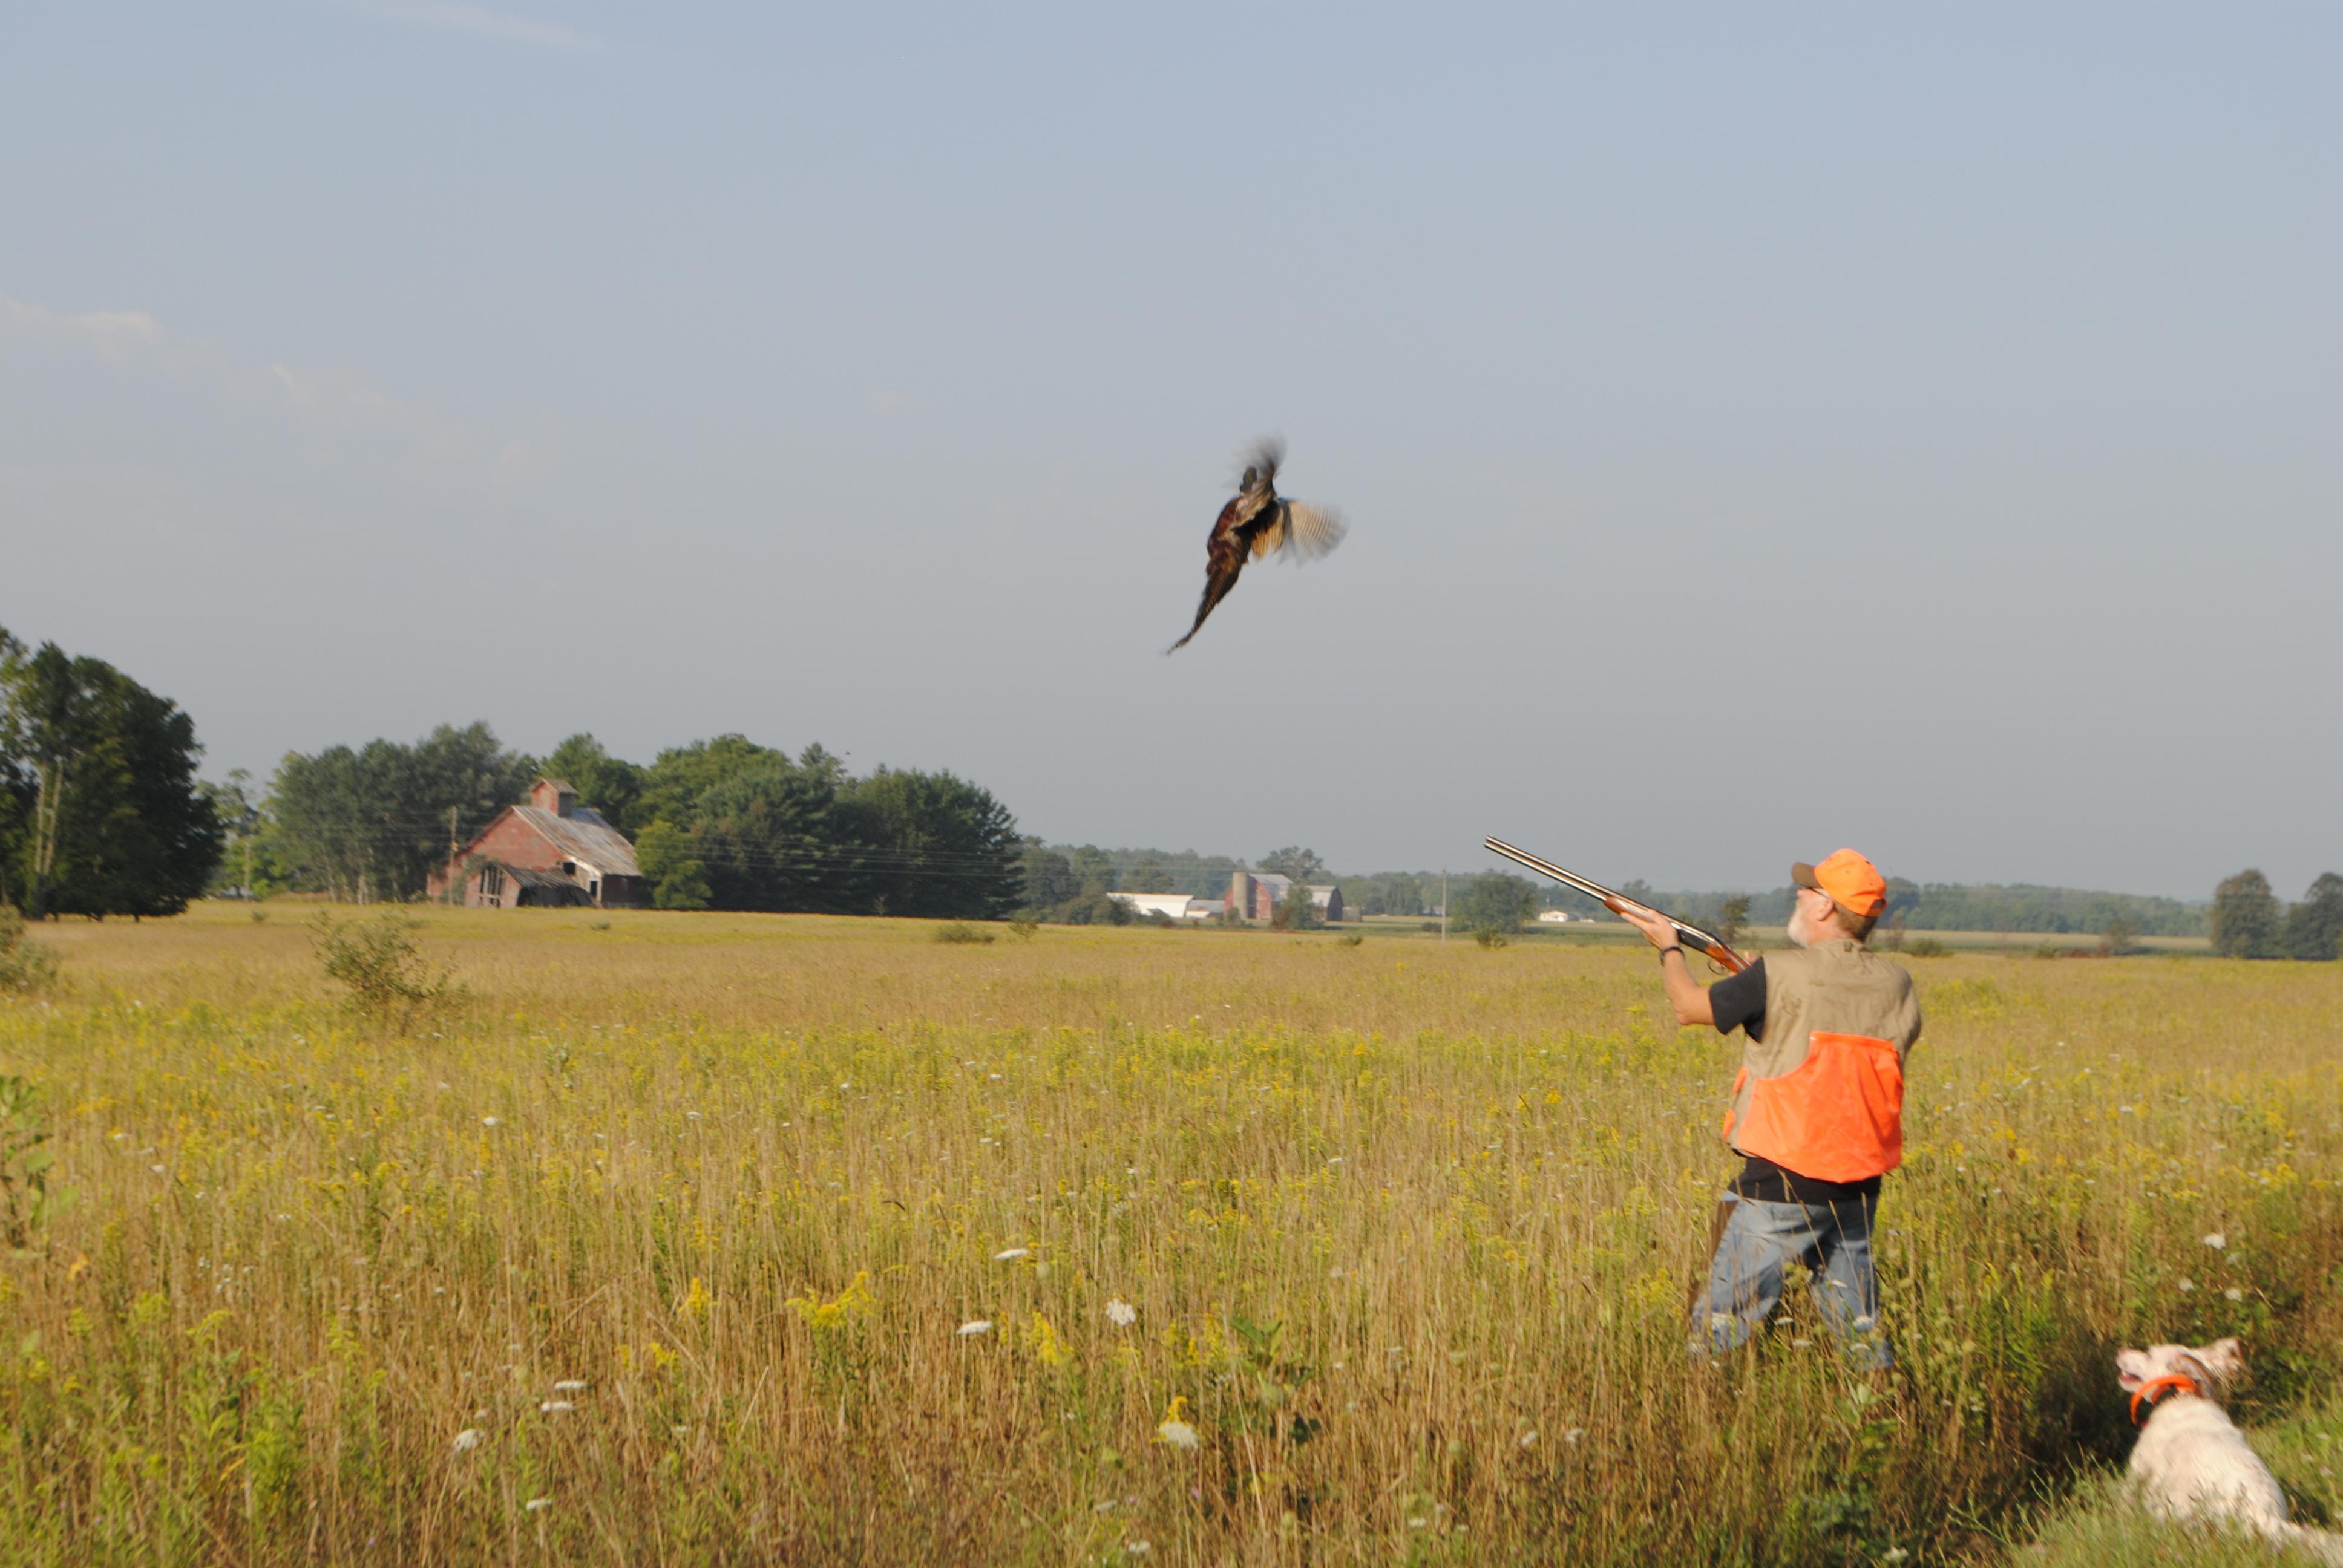 Shooting Preserves Prolong Michigan Upland Hunting Magic ...